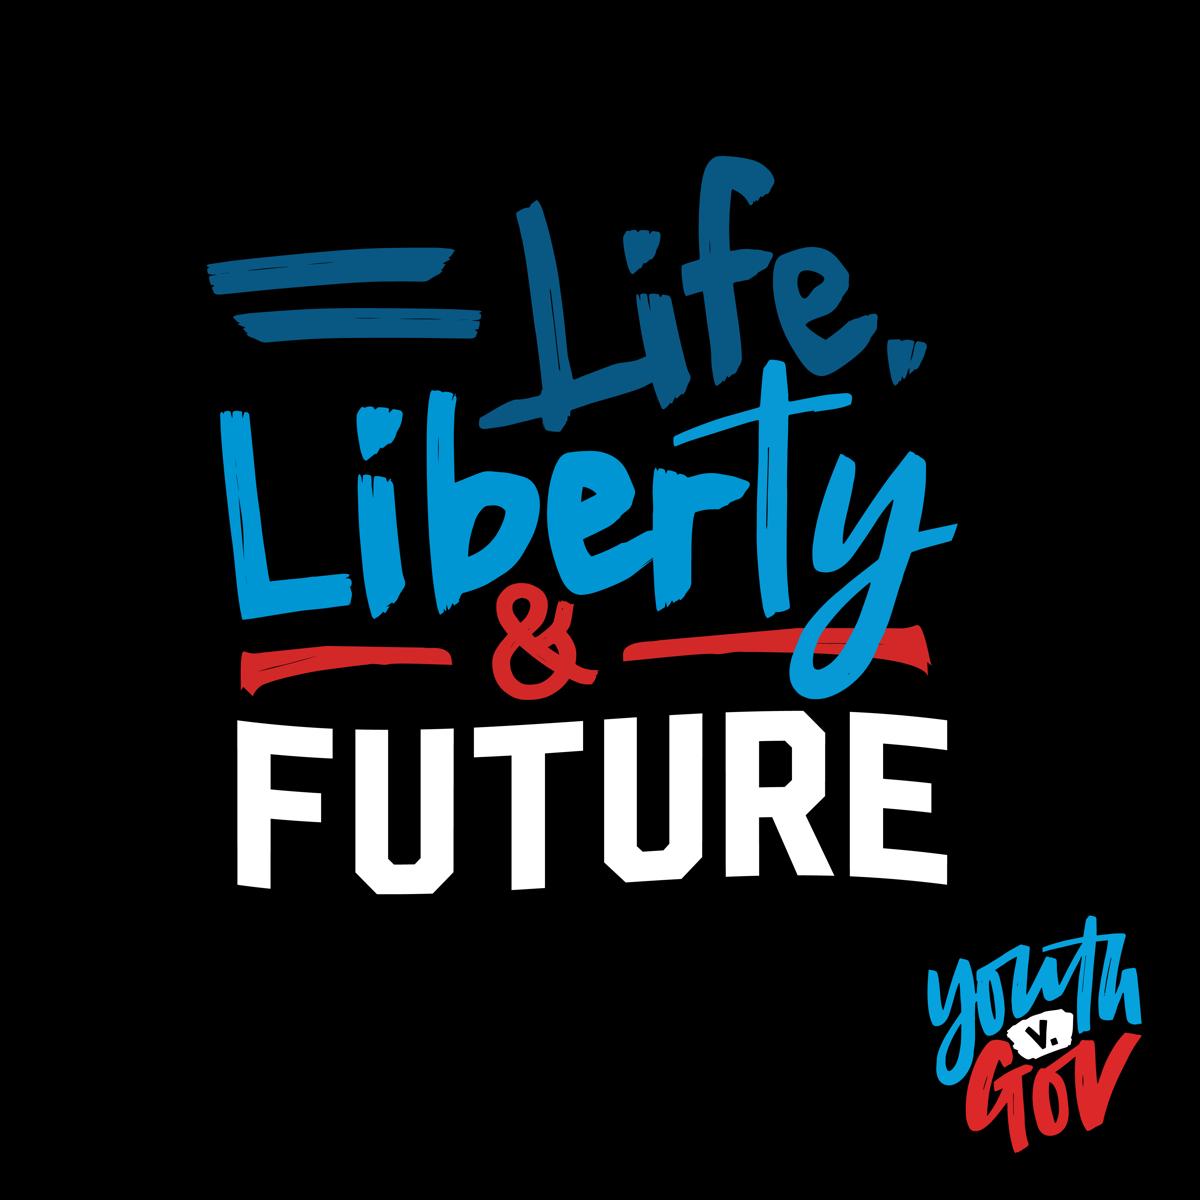 LifeLibertyFuture